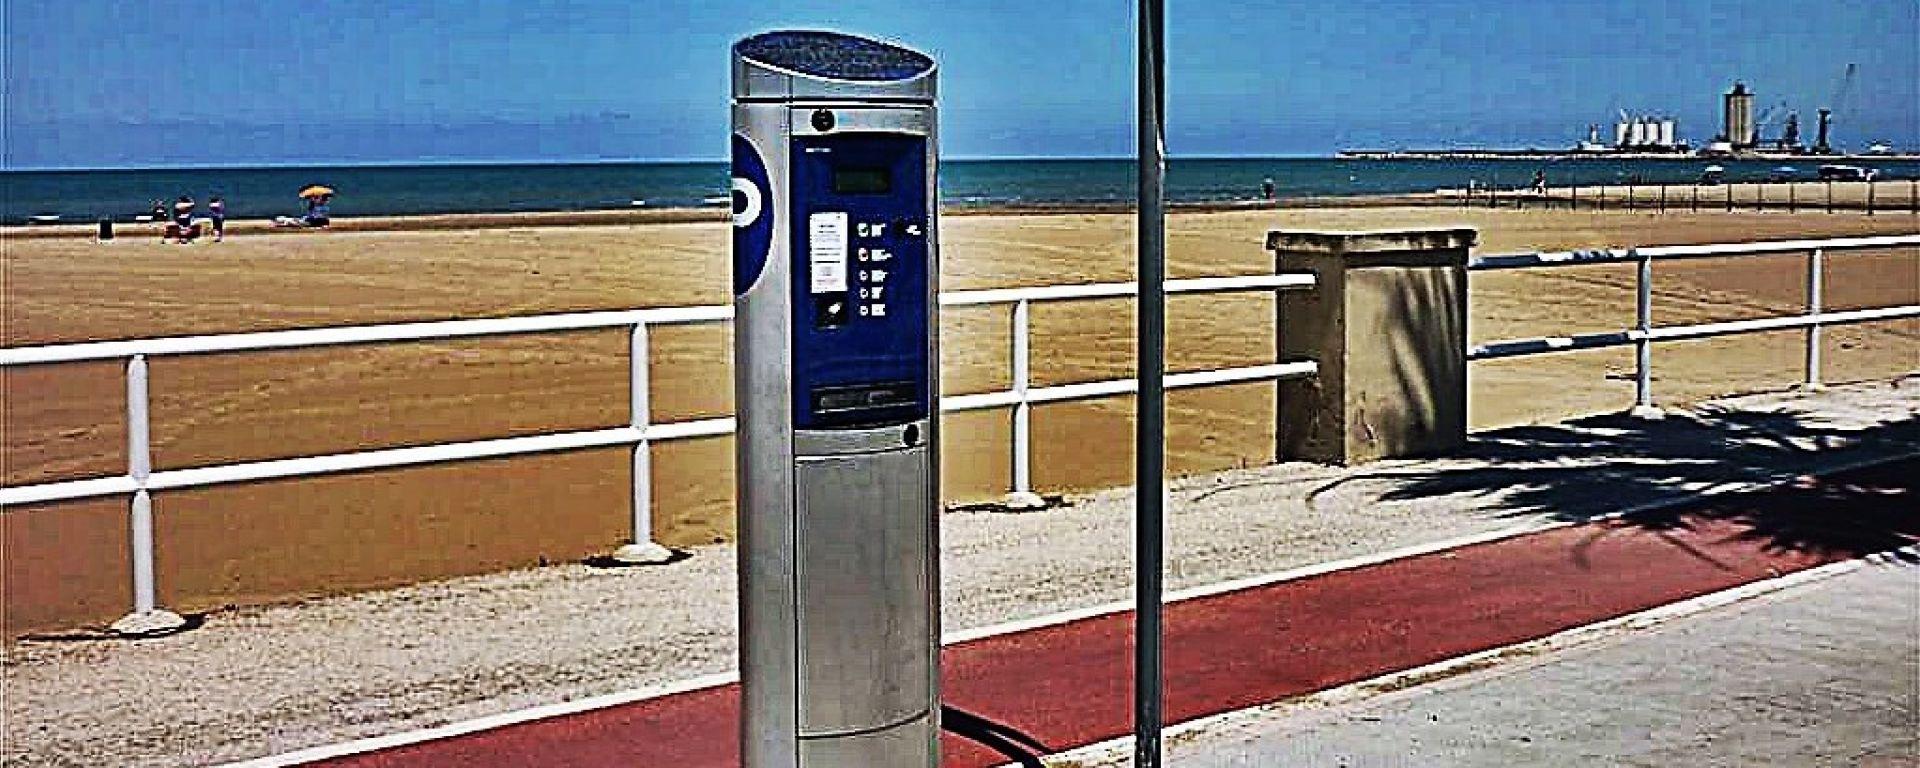 Sosta: è gratis se il parcometro non ha il bancomat. Multa se il ticket è scaduto